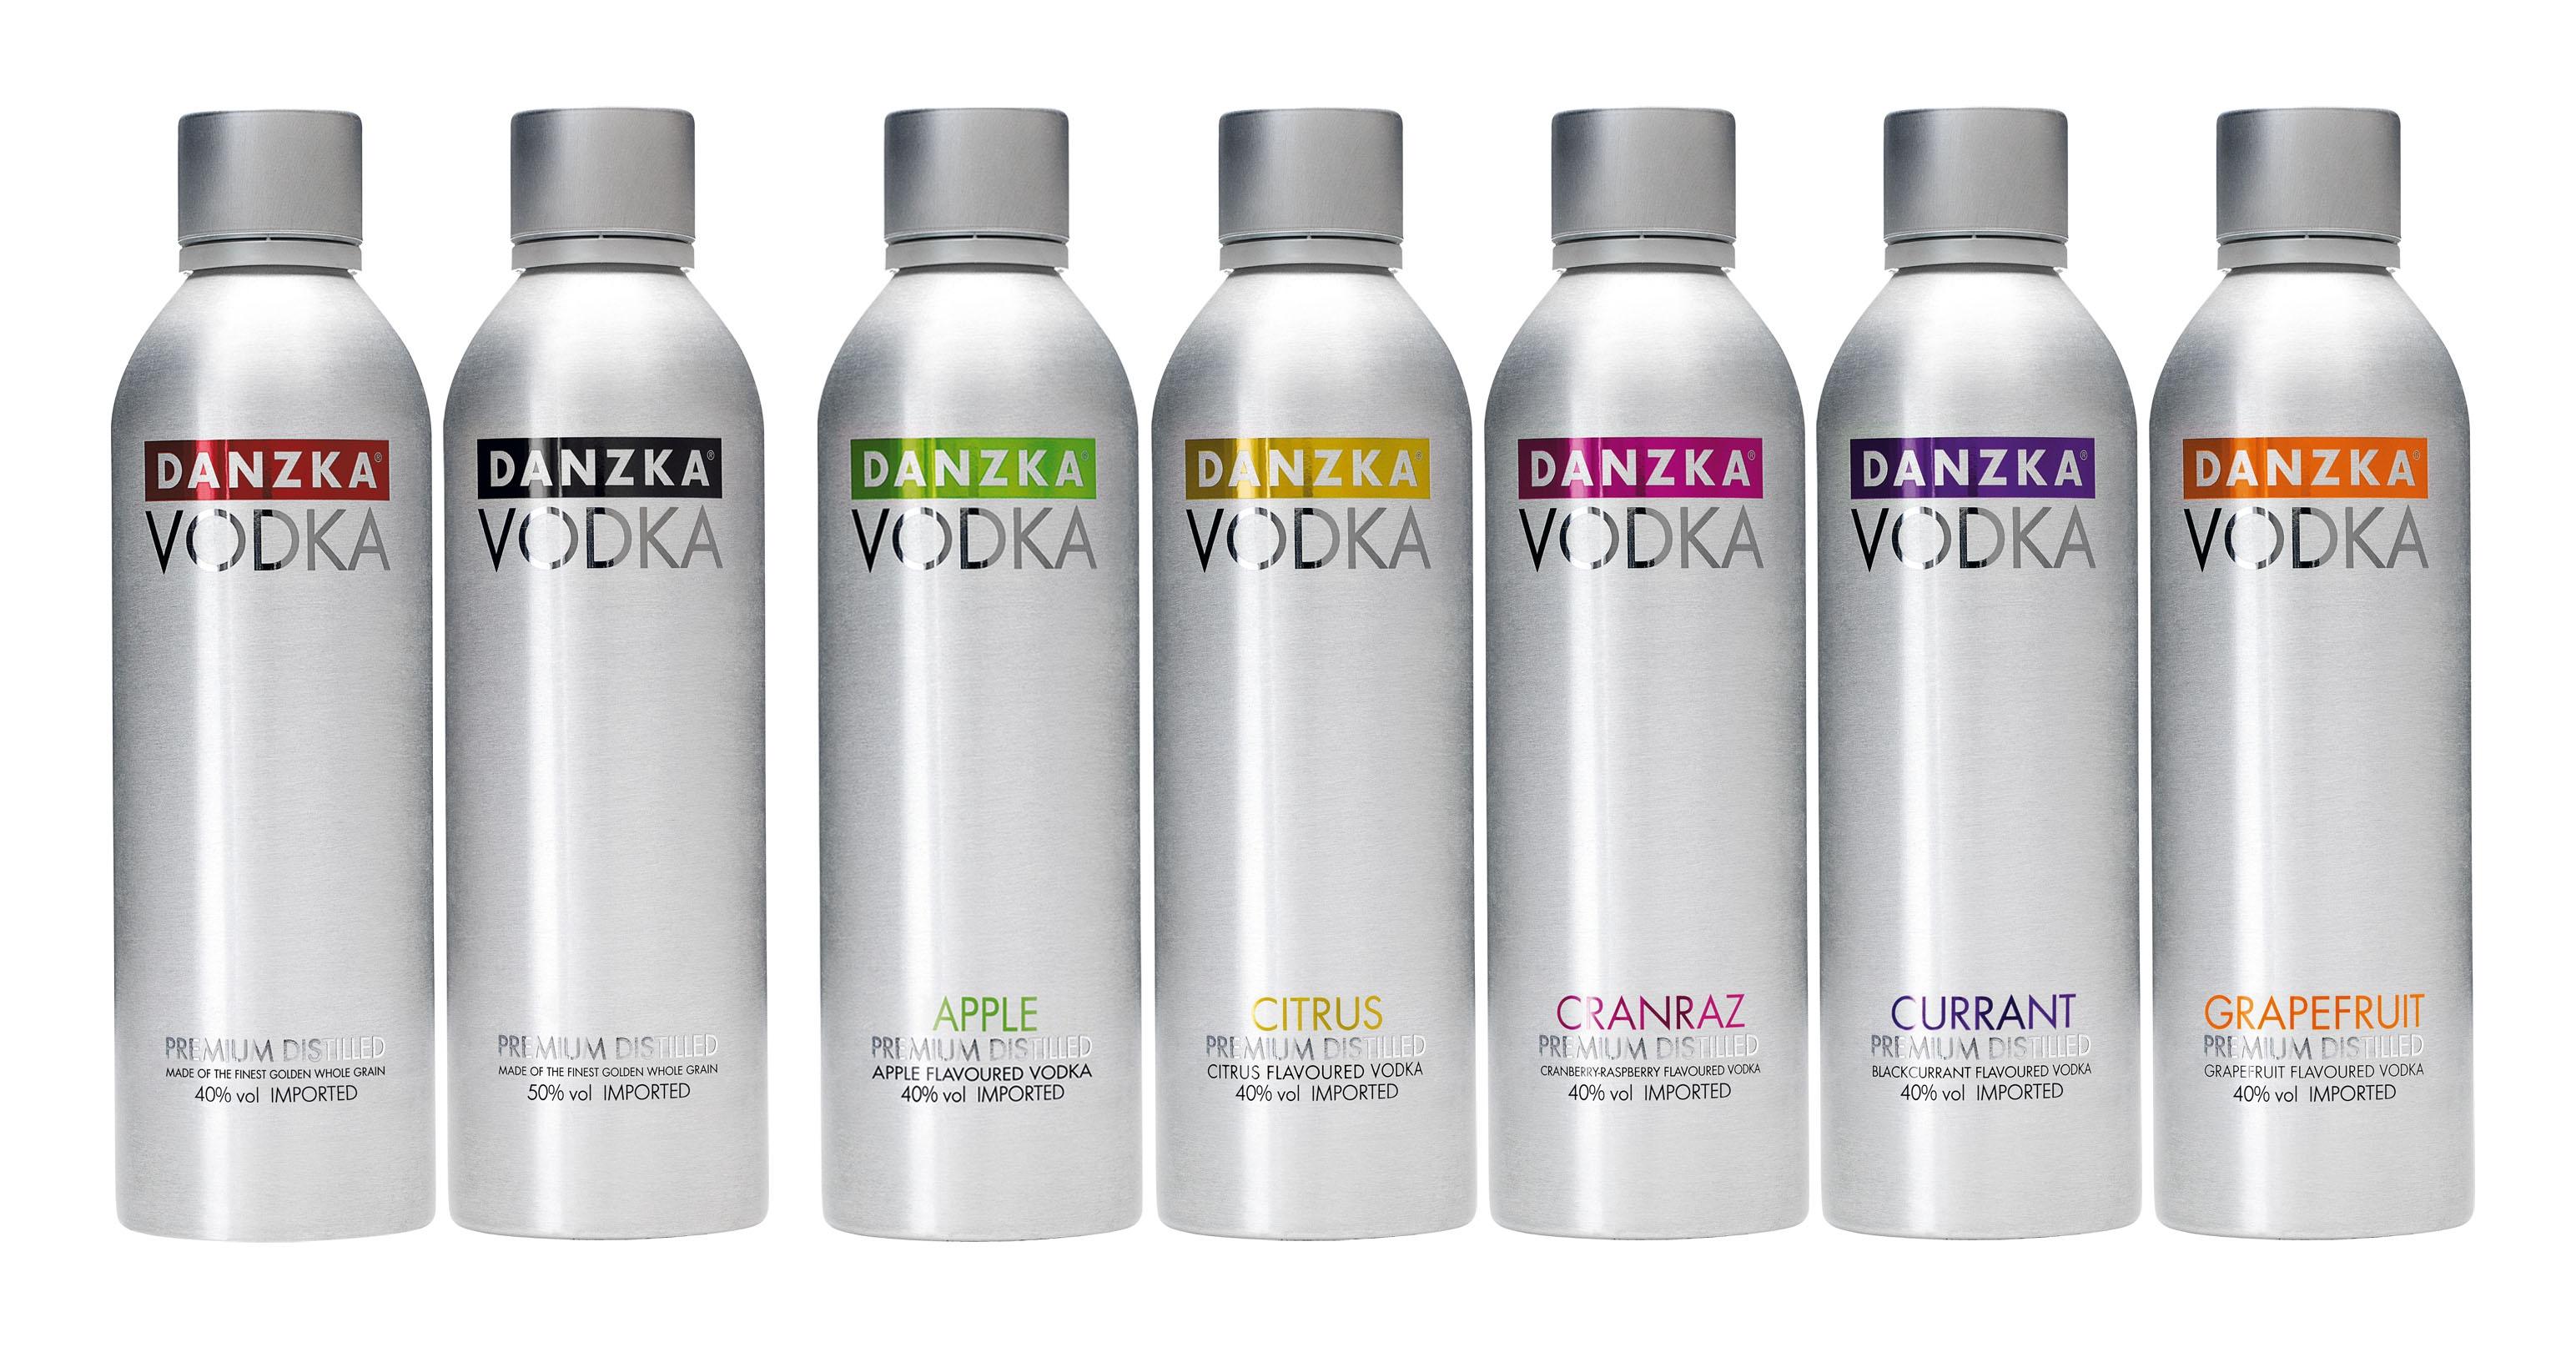 Vodka Images